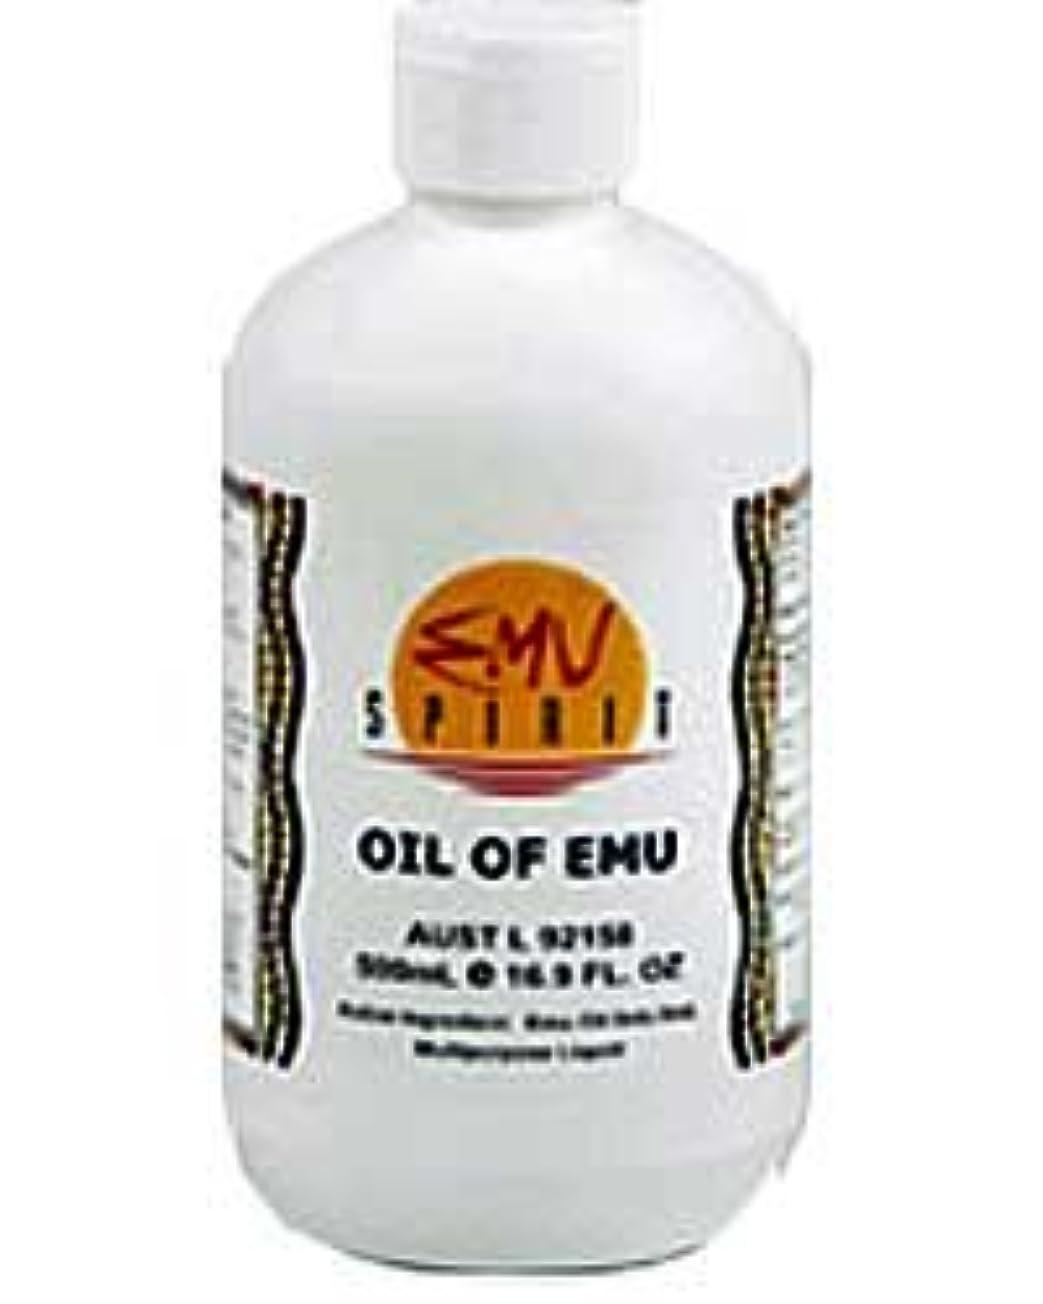 放課後肌見かけ上[EMU OIL] 100%ピュア エミューオイル 500ml [海外直送品]